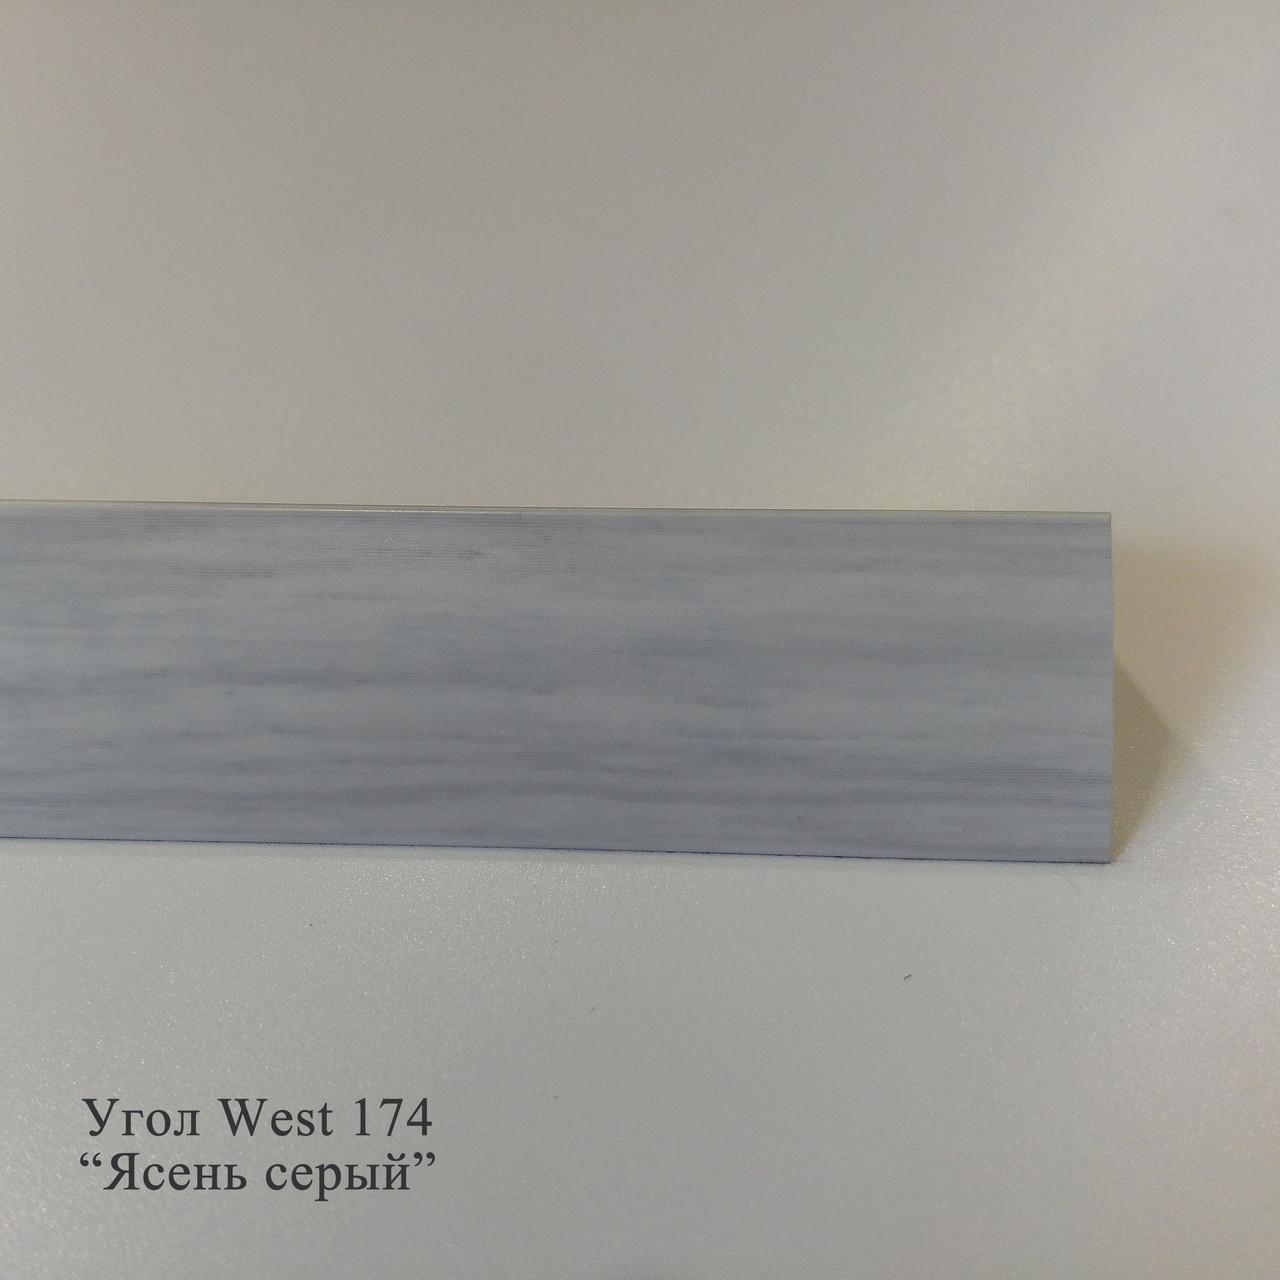 """Углы отделочные пластиковые WEST текстура под дерево 2.7м 15*15, 174 - ТОВ """"ЮгДекор"""" отделочные материалы, LED освещение, электрофурнитура в Одессе"""